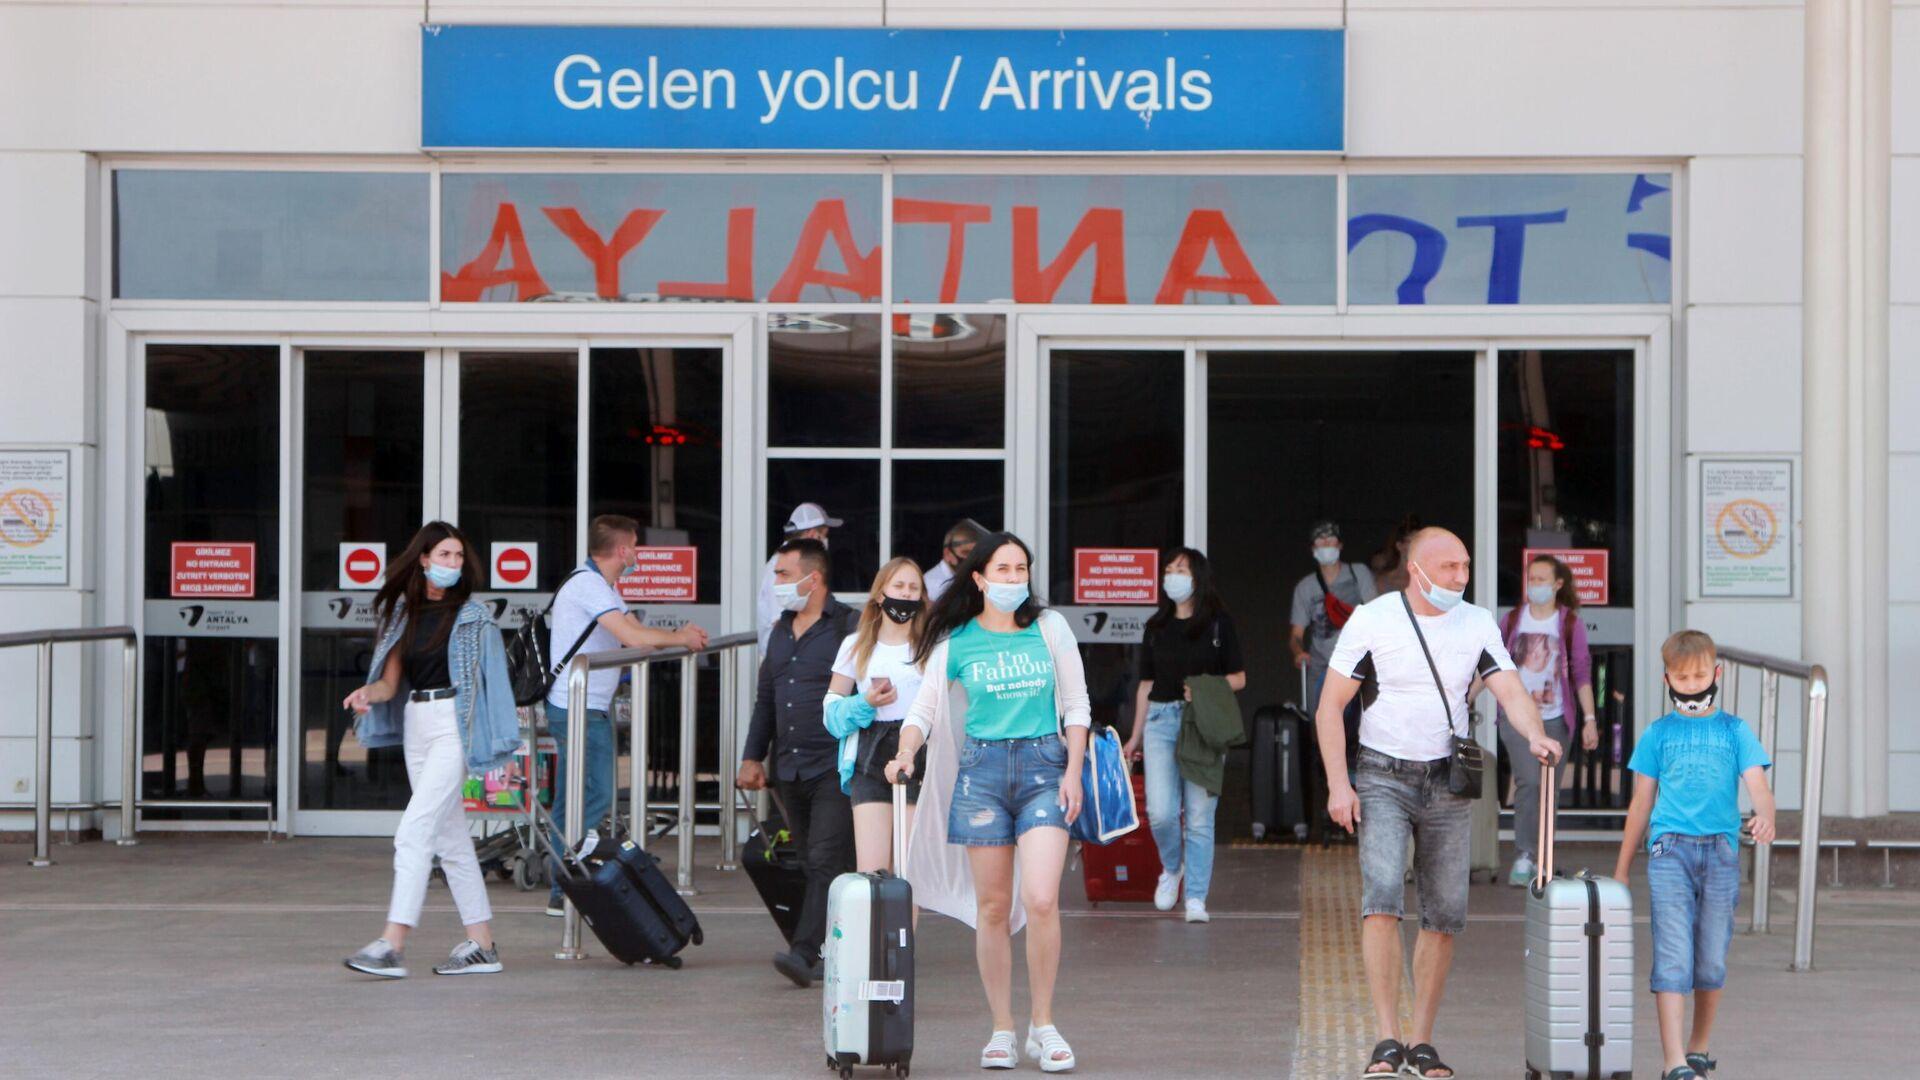 Первые туристы из РФ прибыли на курорты Турции - РИА Новости, 1920, 03.04.2021